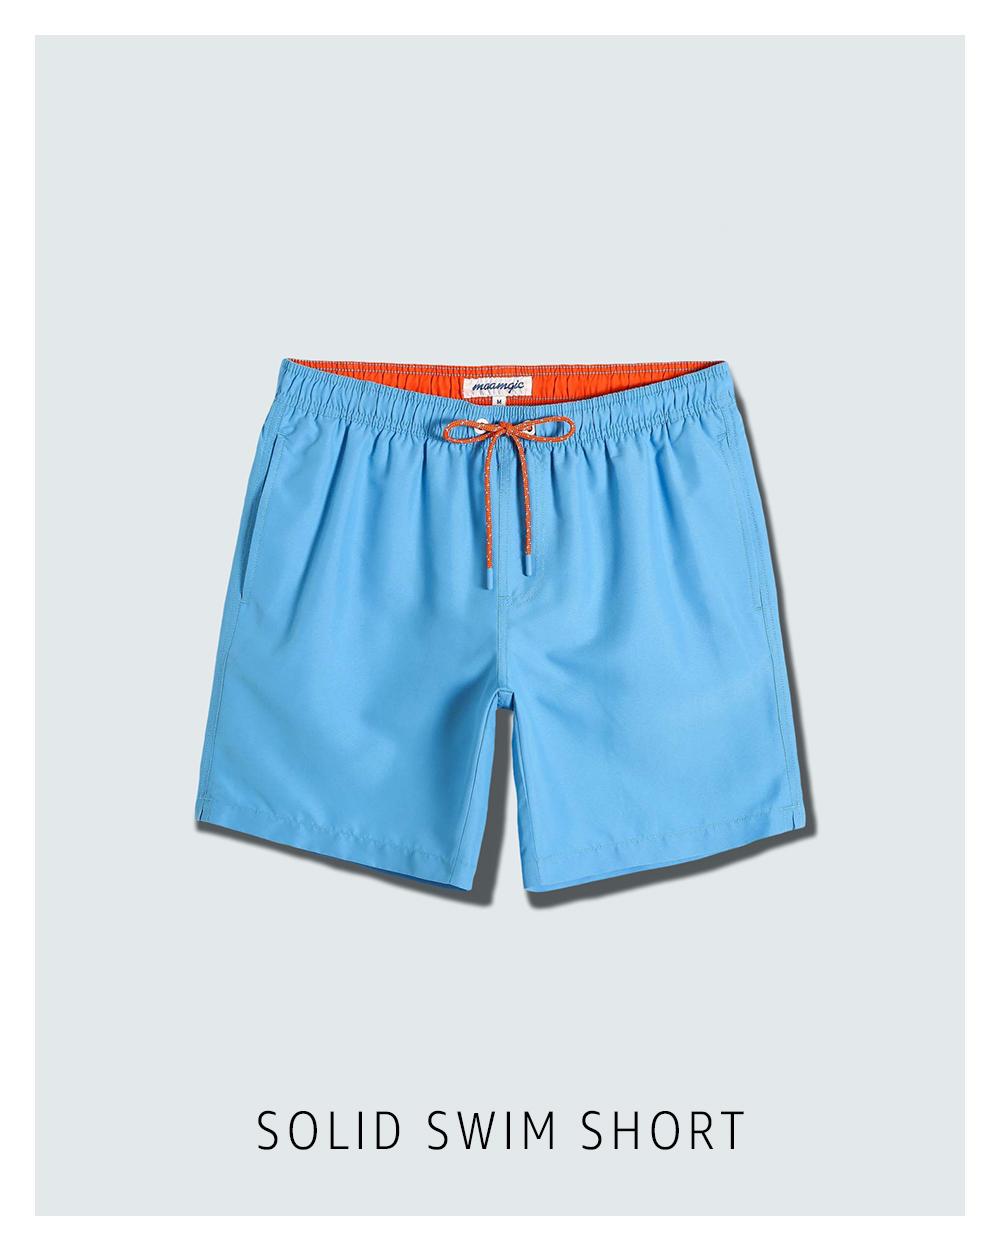 Solid swim short